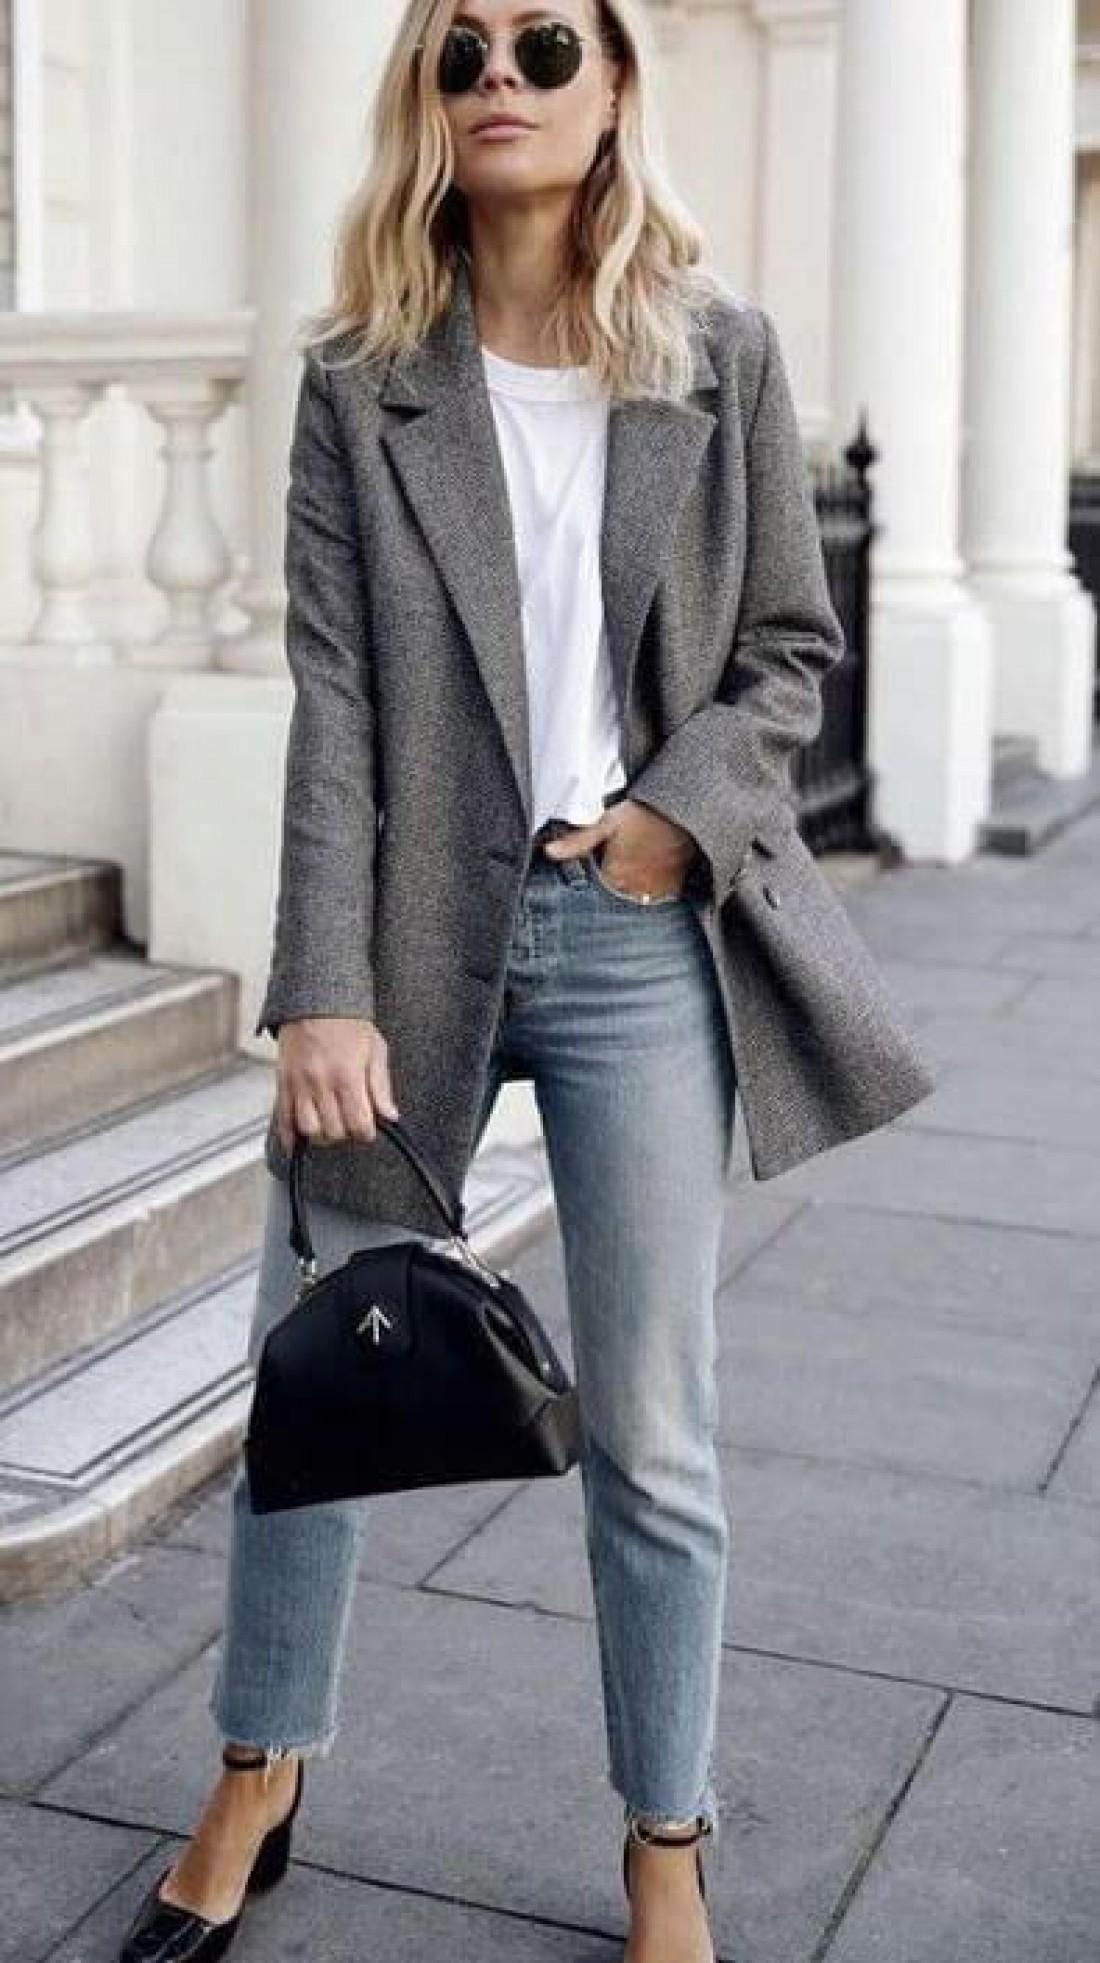 Тренды 2019: Что носить с джинсами на работу или учебу